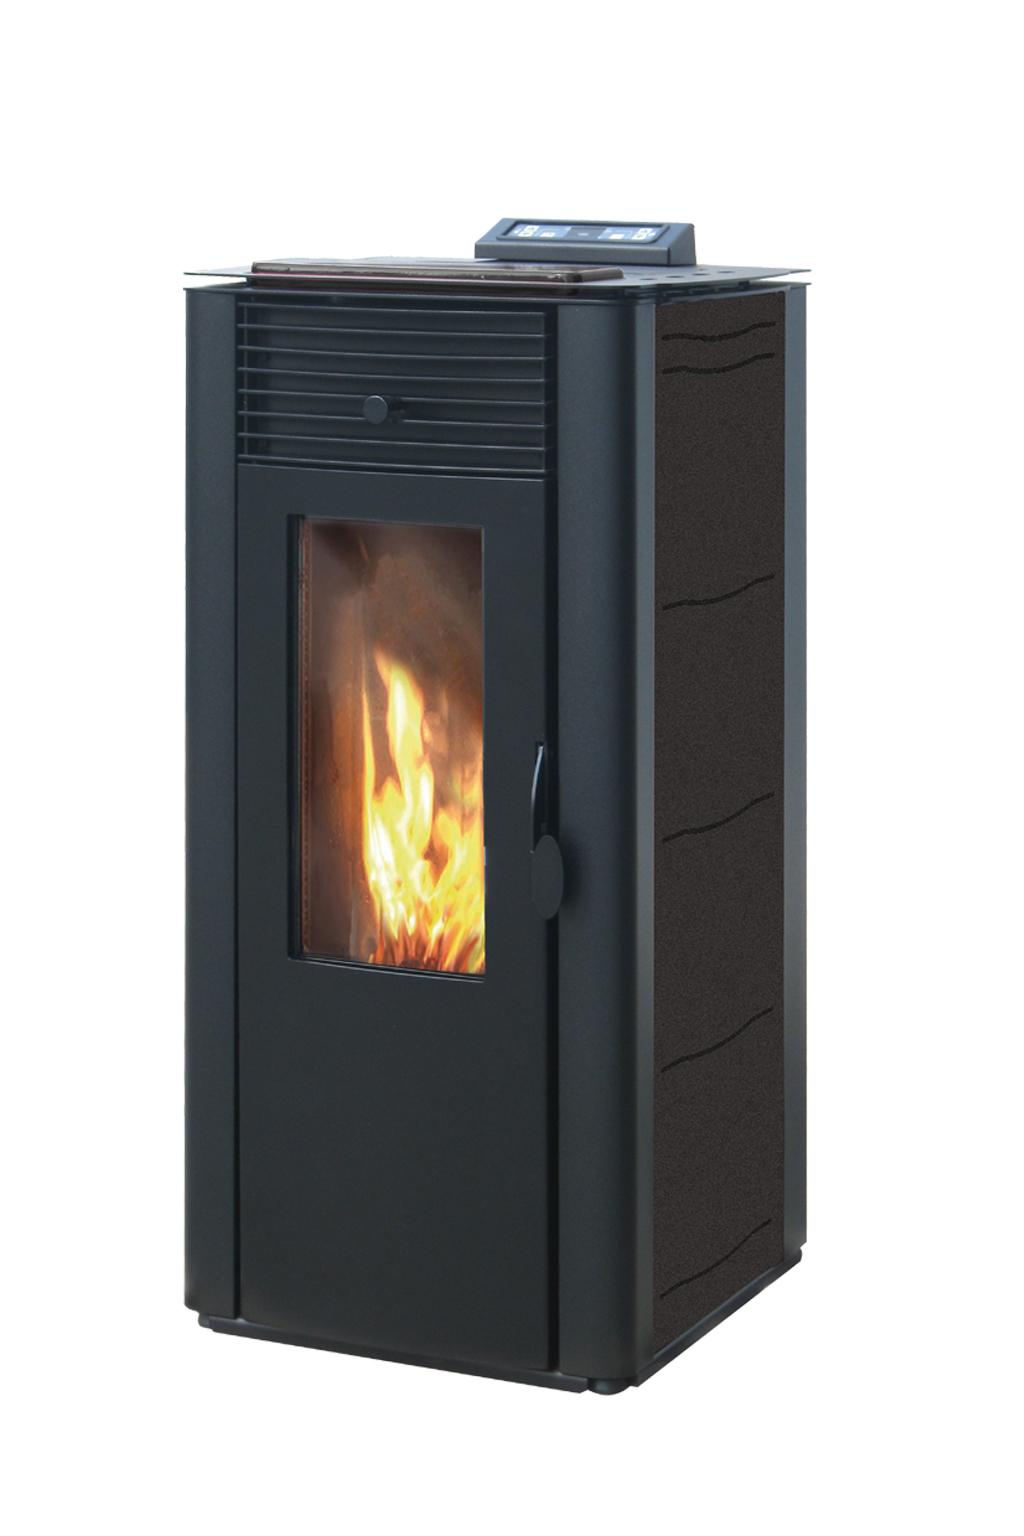 Pelletkachel CV 15 kW  zwart/grijs